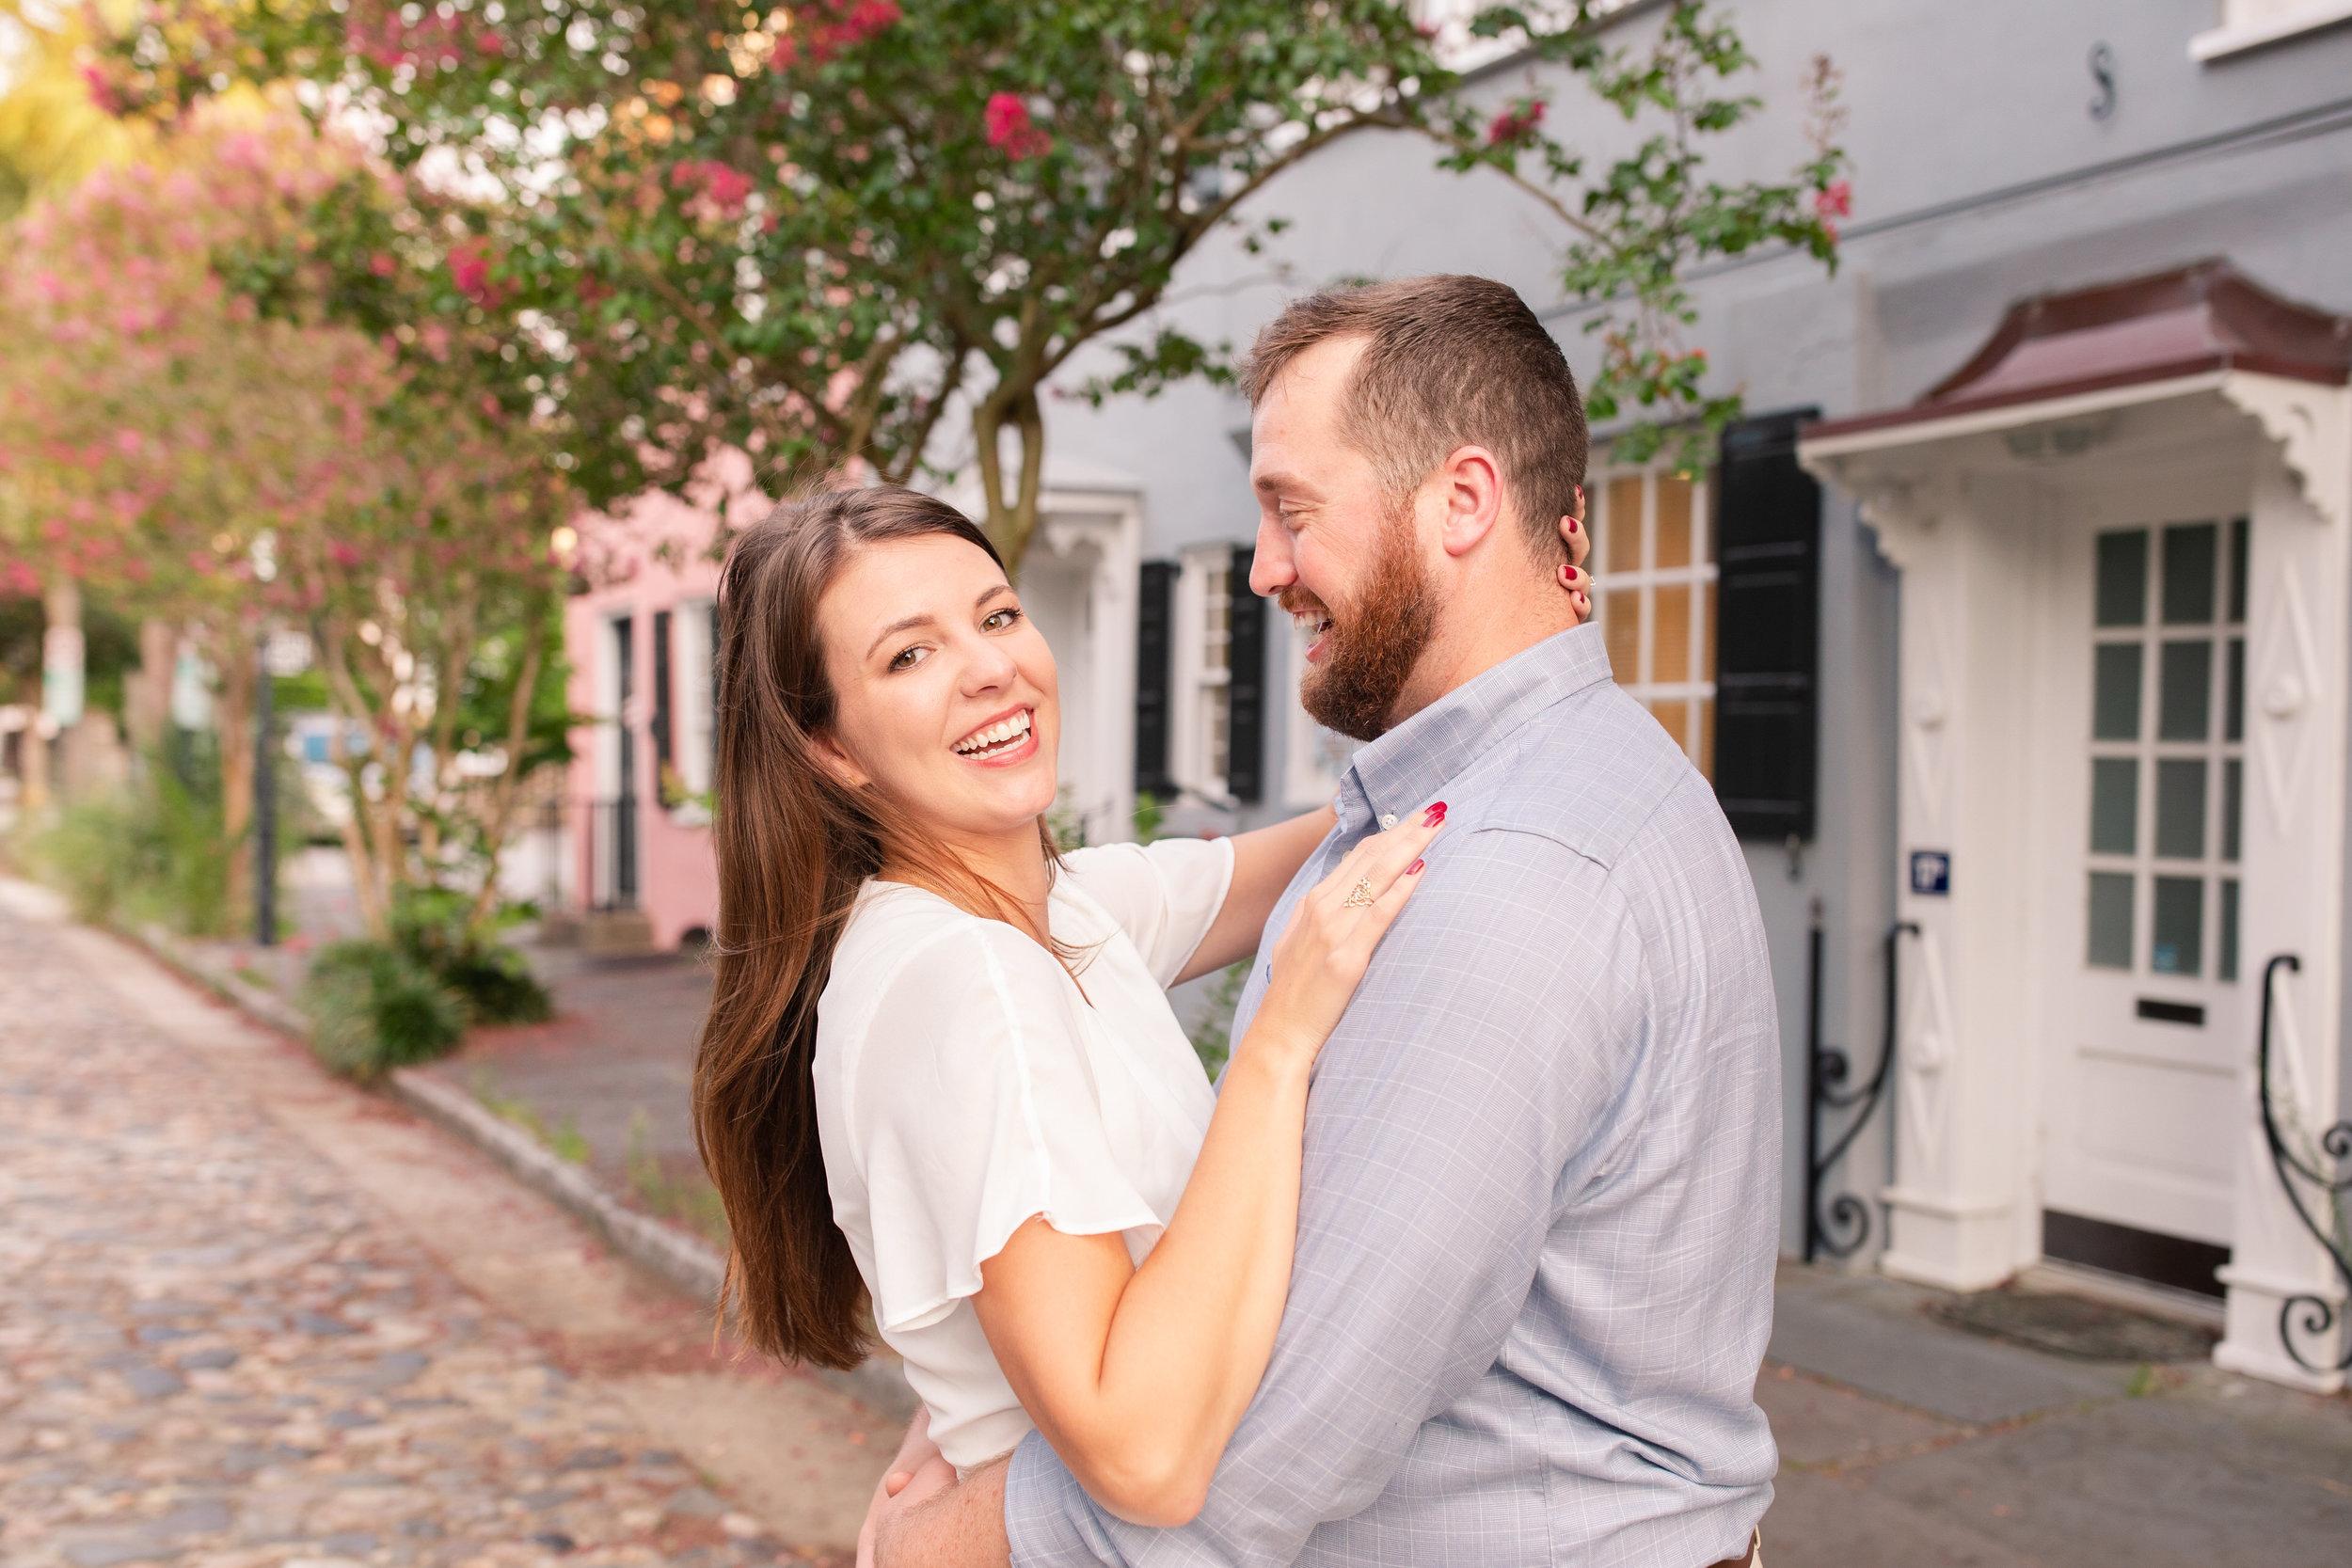 Charleston South Carolina Engagement Session Charleston Wedding Photographer Photo_8883.JPG